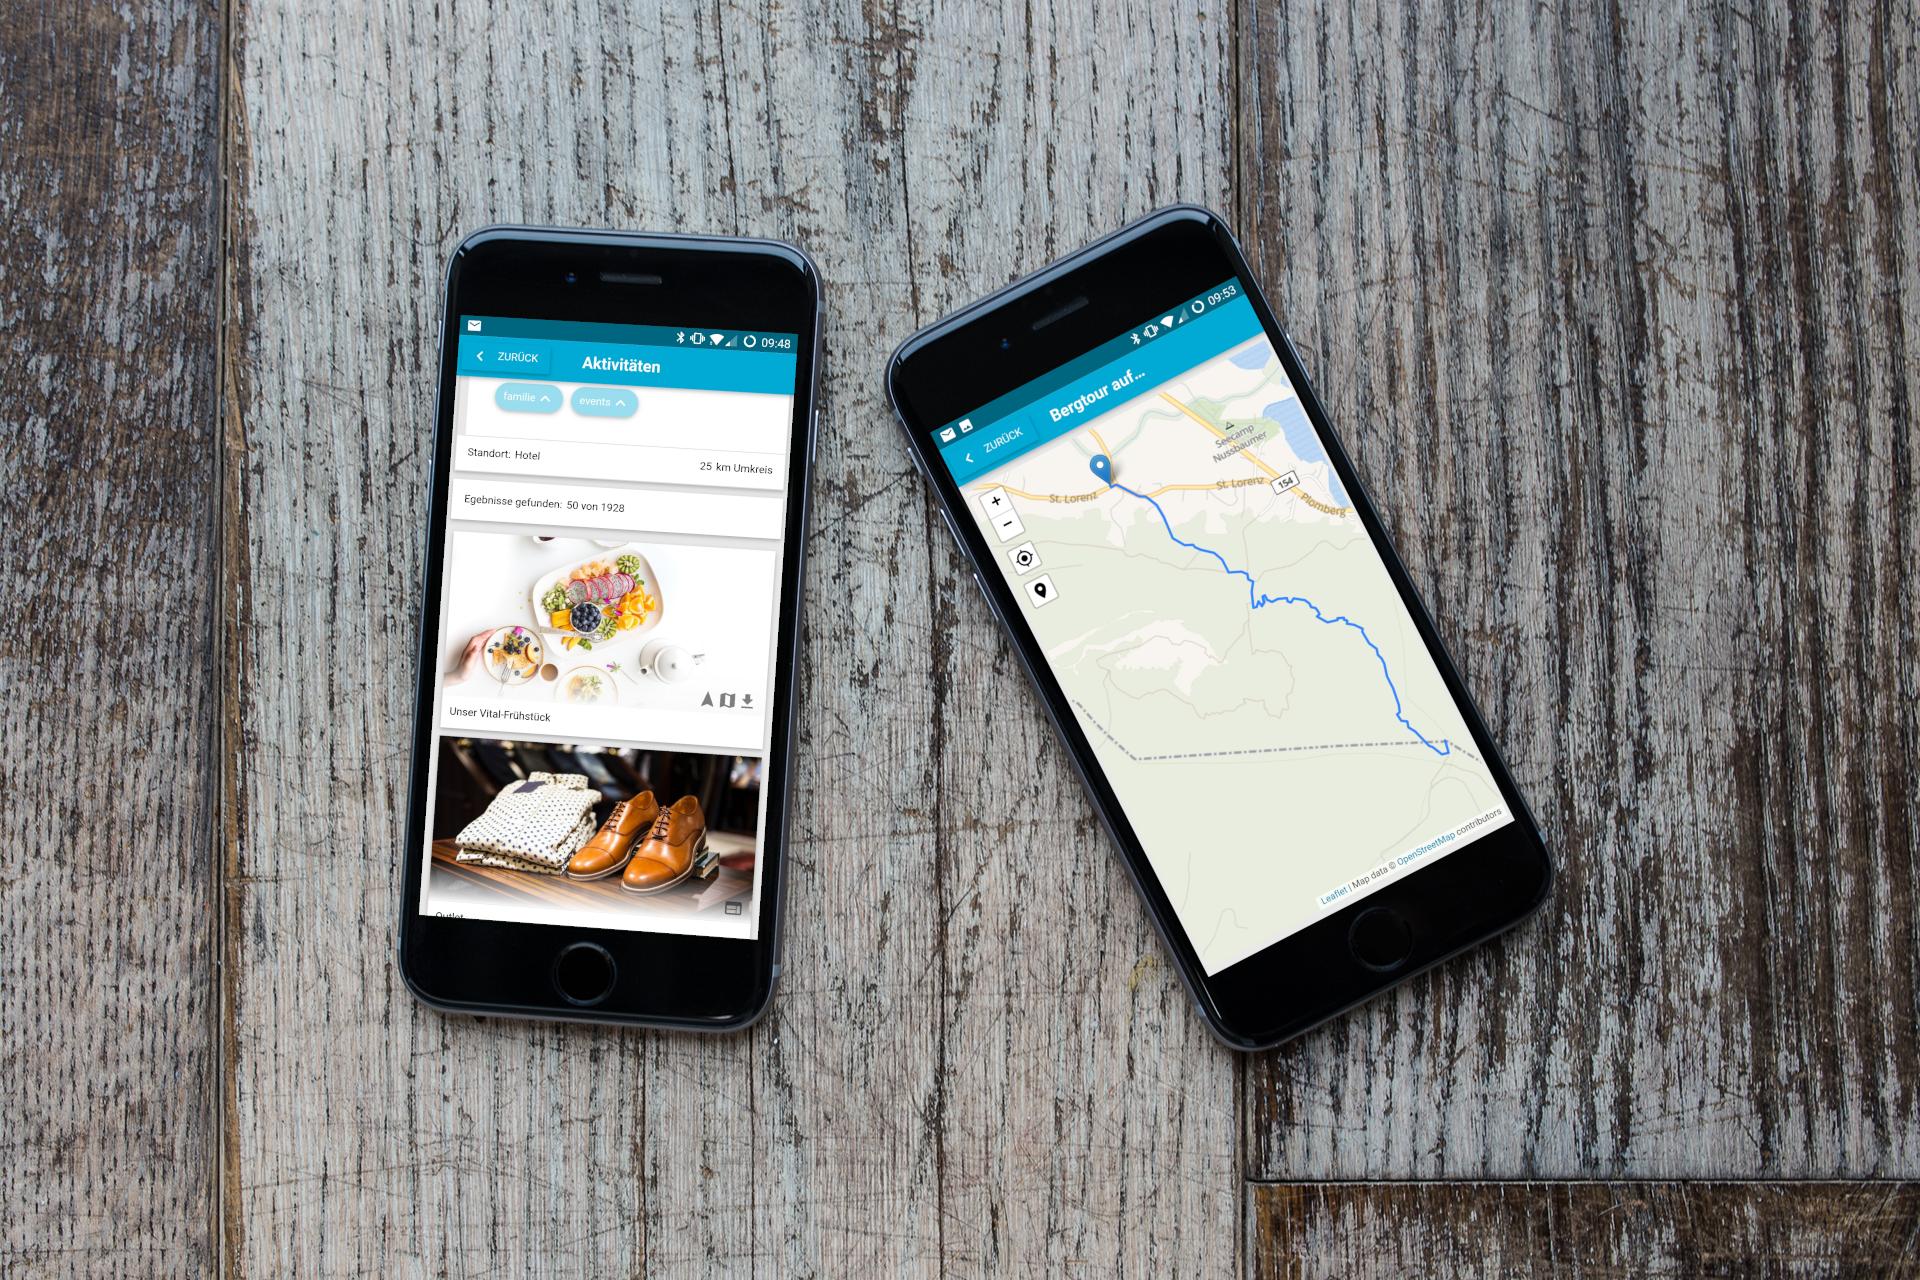 Alles NEU - oHA in neuem Design als Progressive Web App